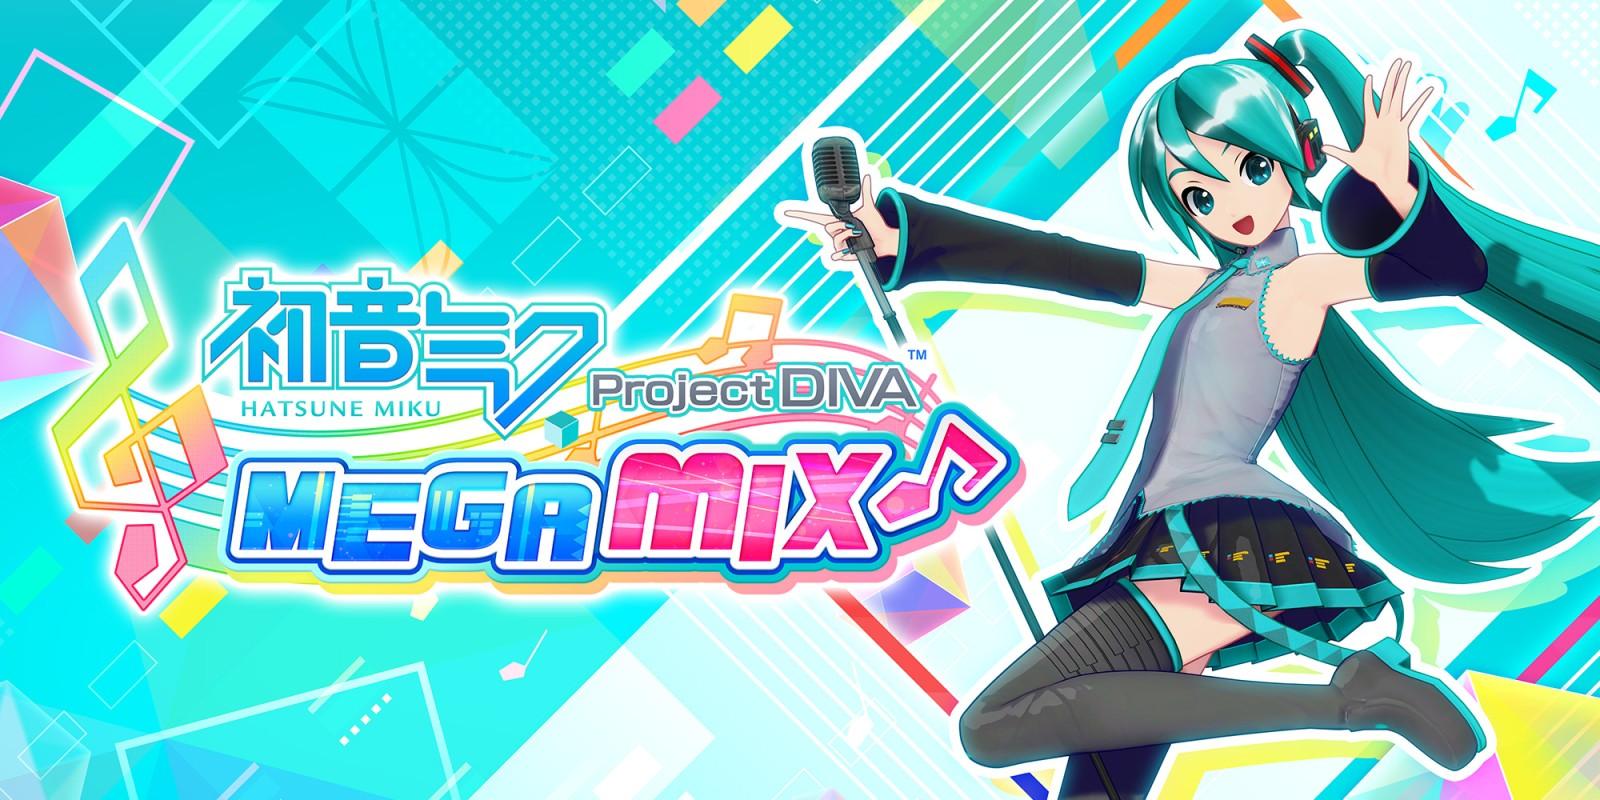 Hatsune Miku: Project DIVA Mega Mix | Giochi scaricabili per ...